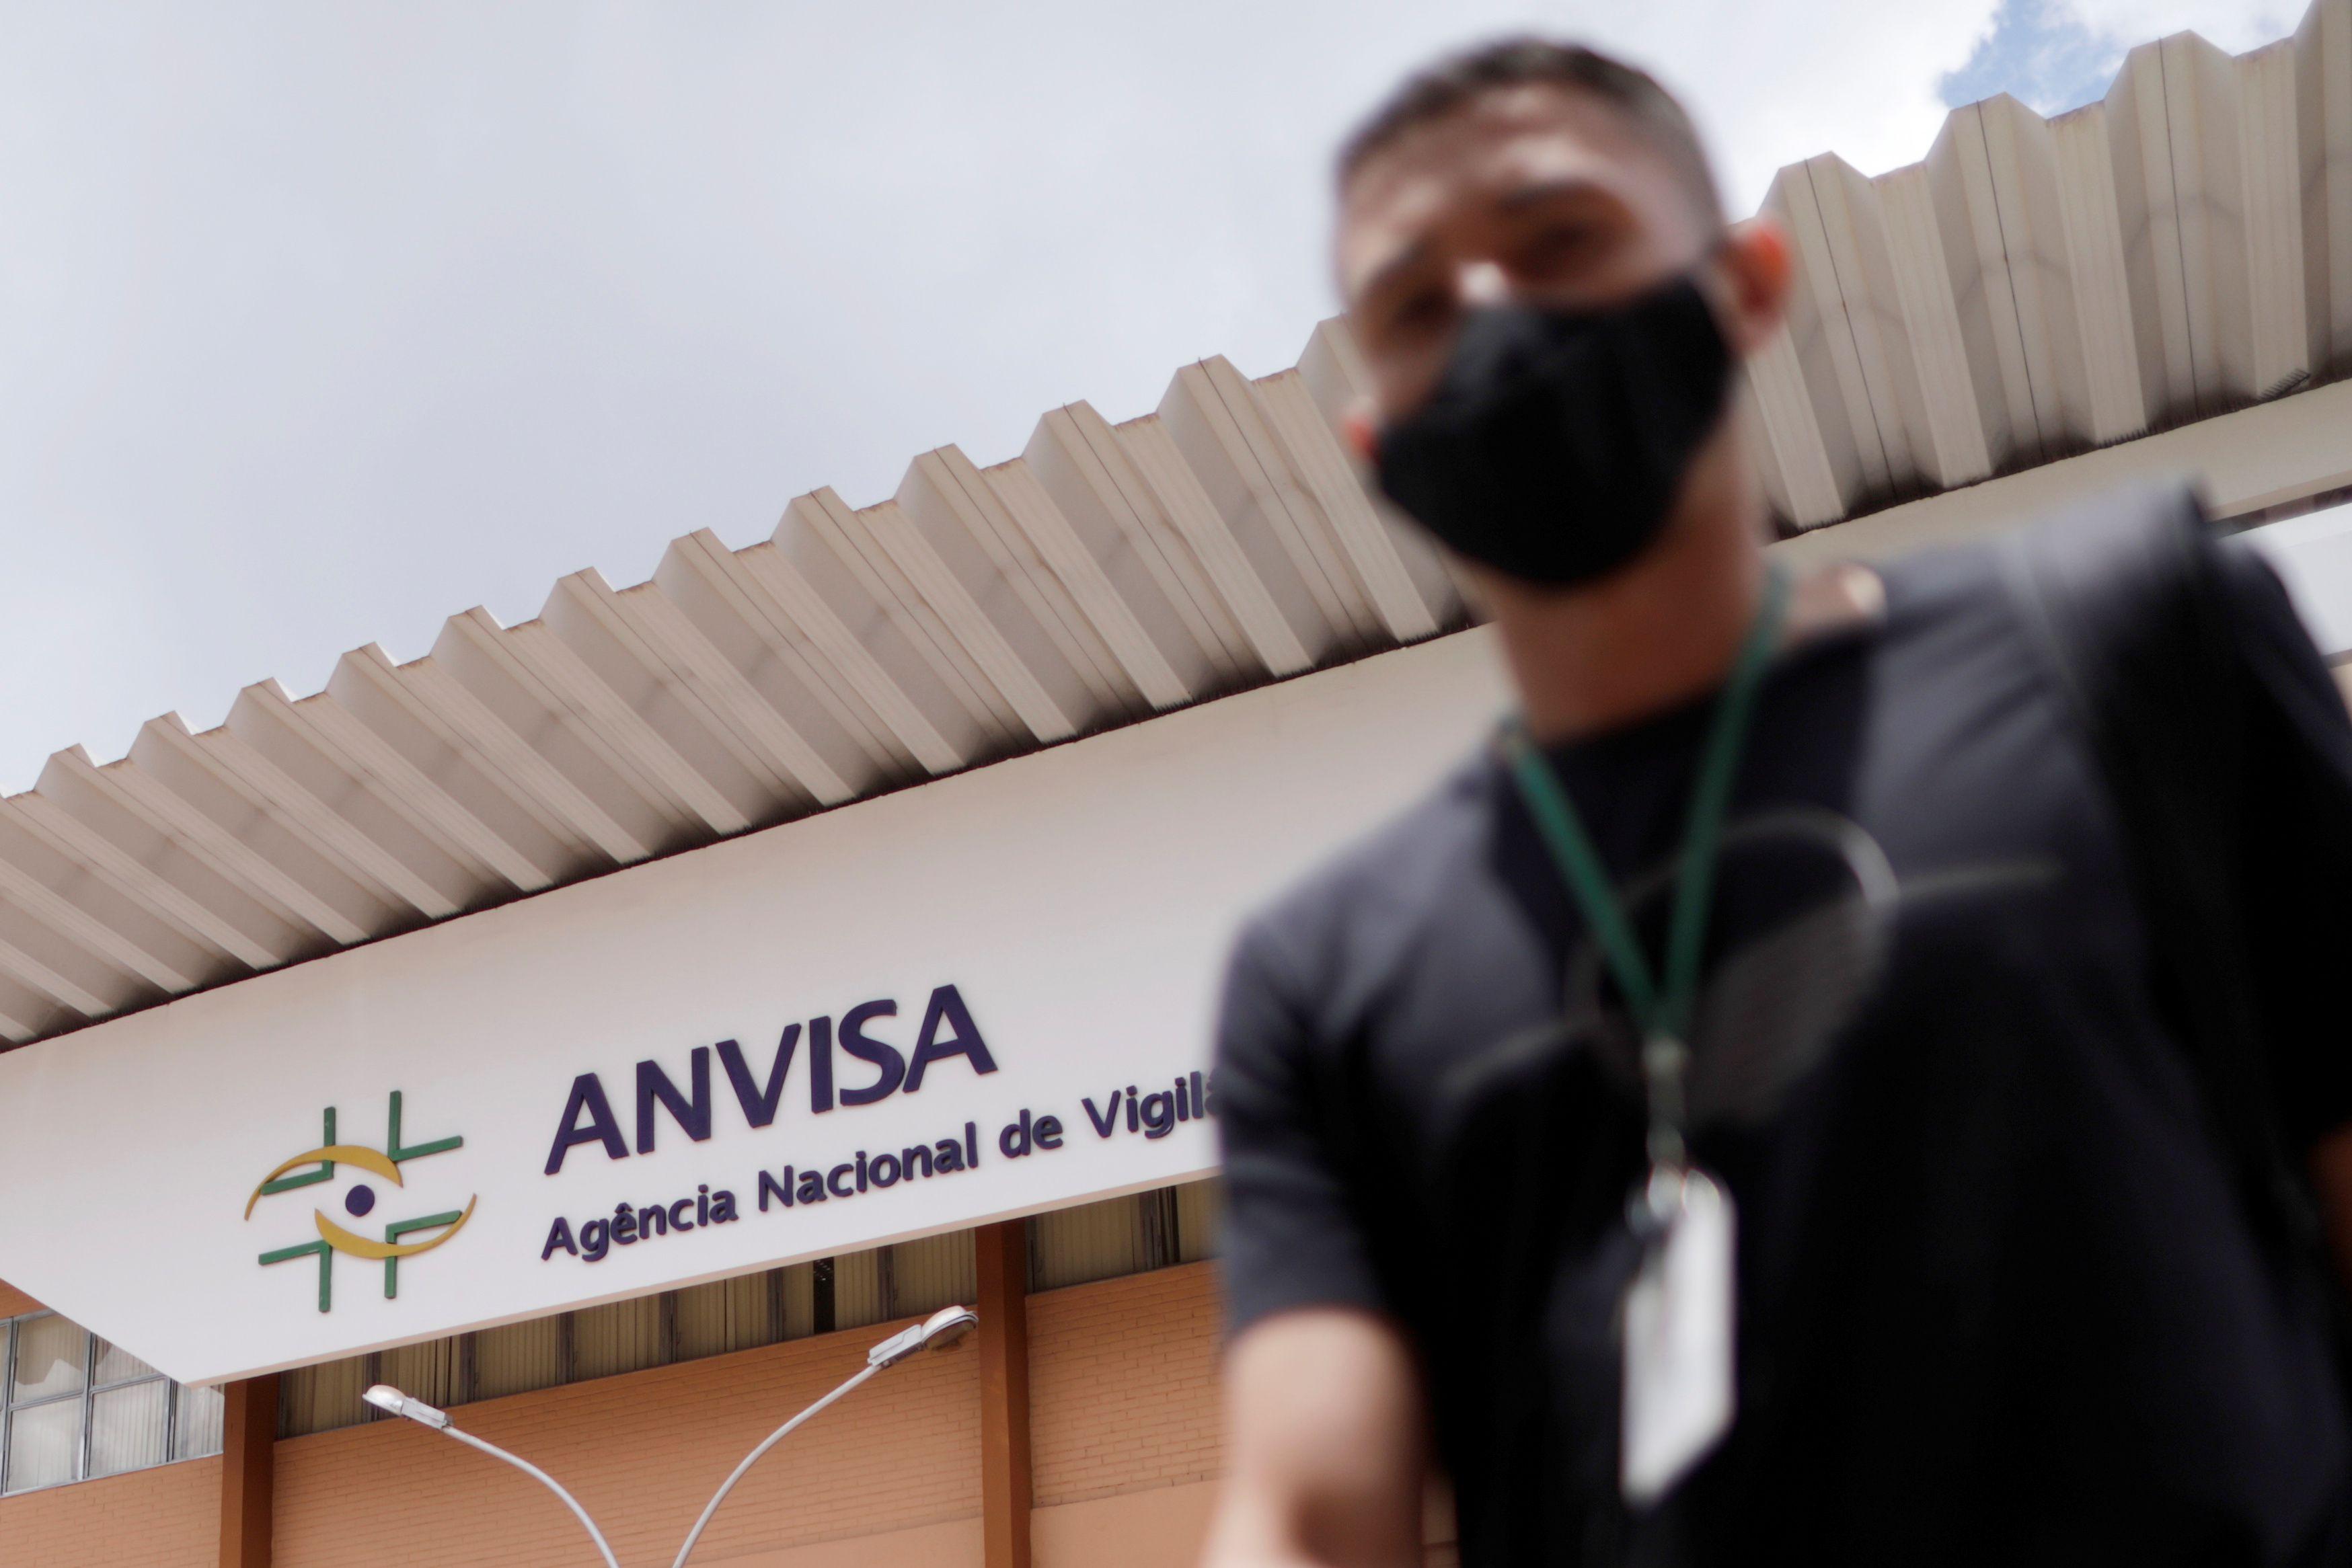 Anvisa Brasil objeta que la vacuna Sputnik V replica una versión viva de un virus común que causa resfriado y hasta cuadros de gastroenteritis.   (REUTERS/Ueslei Marcelino)